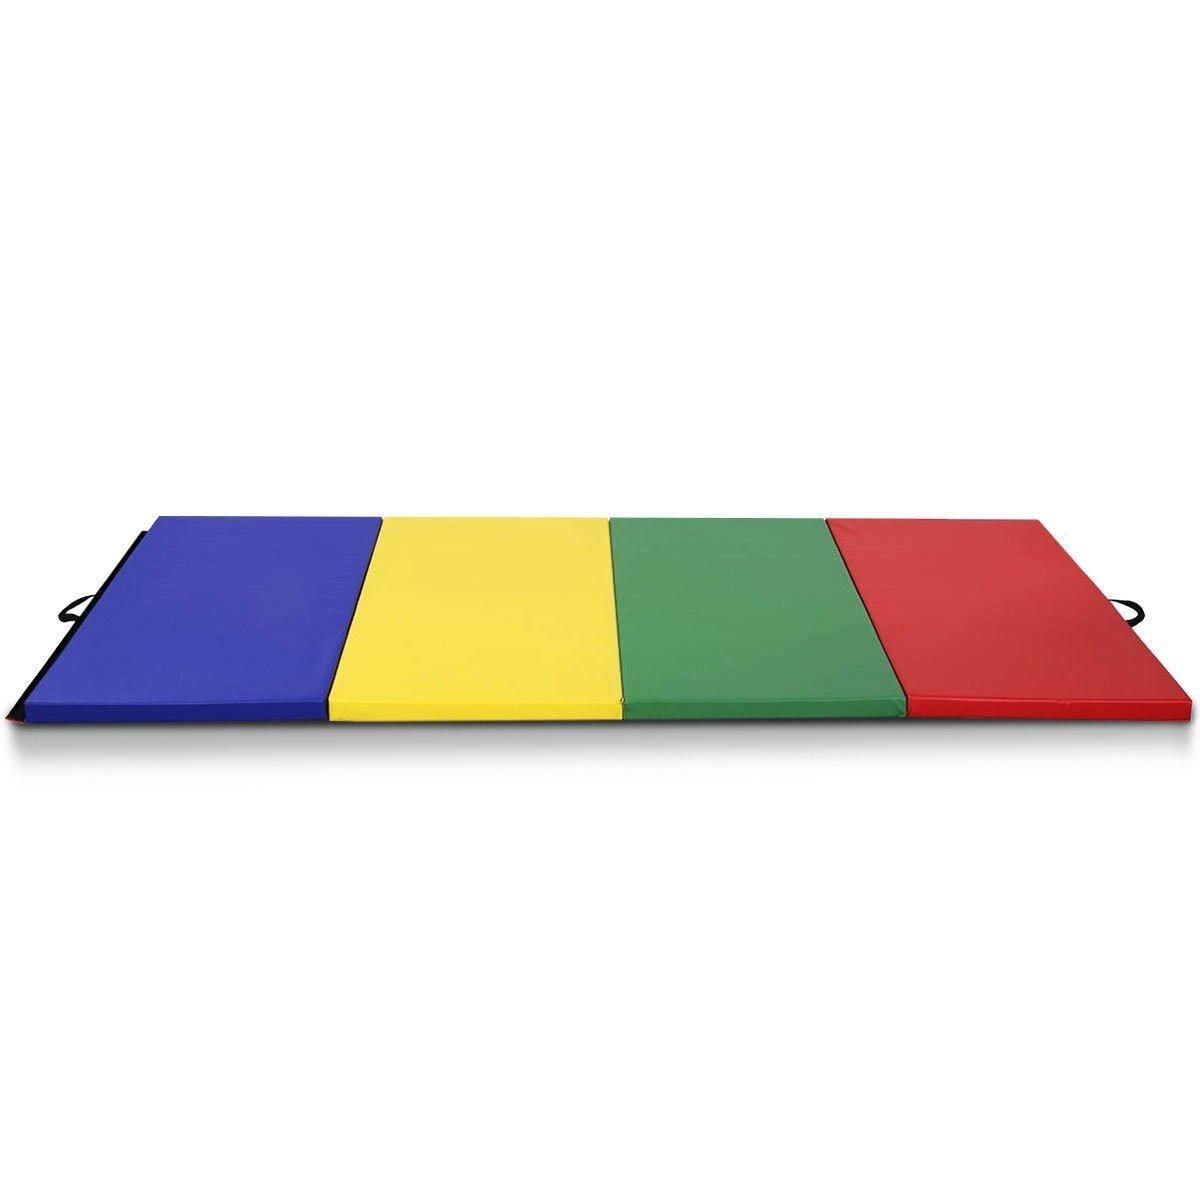 Dayanaprincess 4フィート x 8フィート x 2インチ 4色 折りたたみパネル 体操マット マルチカラー フォーム 折りたたみ式 ワークアウト フィットネス フローリング タムリング ヨガ 屋内ジッパー